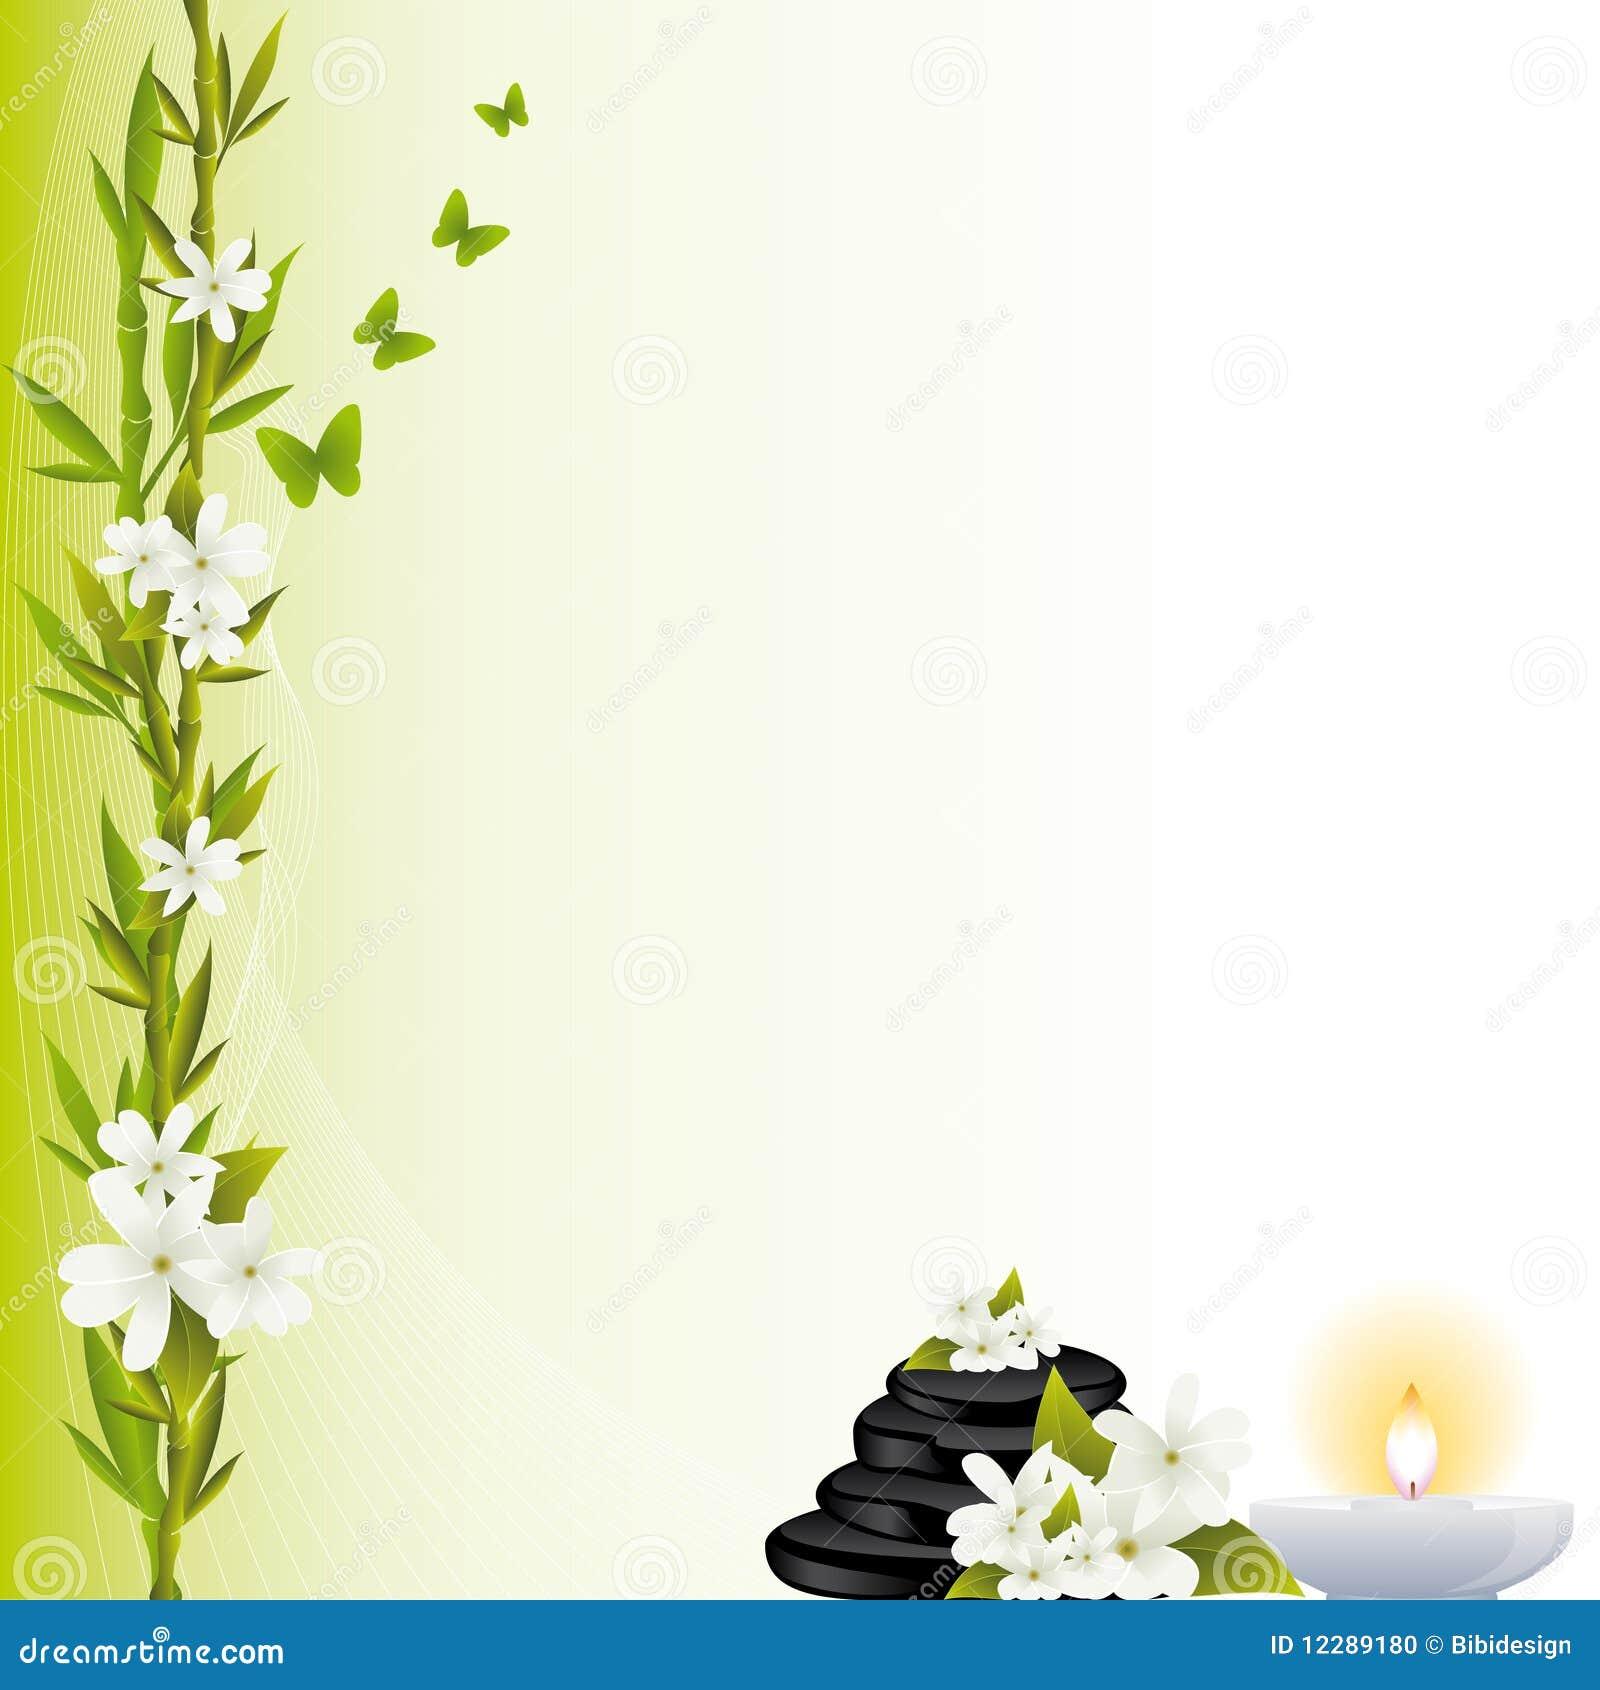 Spa Background Stock Photo Image 12289180